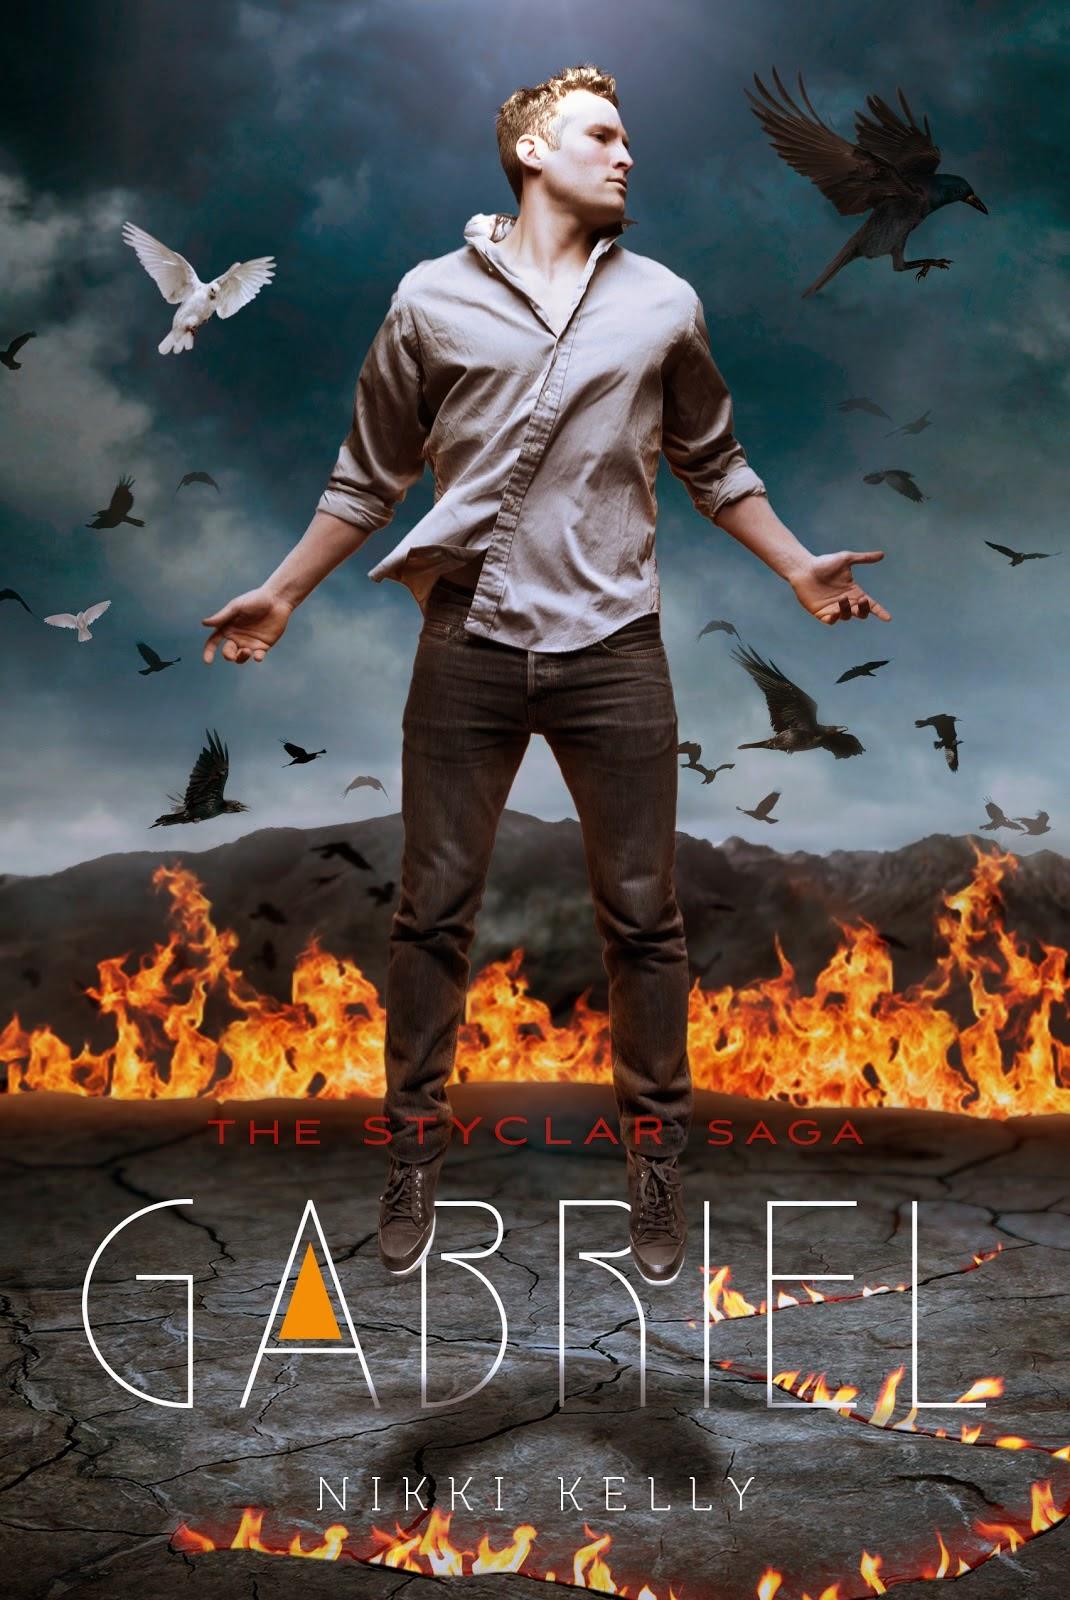 https://www.goodreads.com/book/show/23310722-gabriel